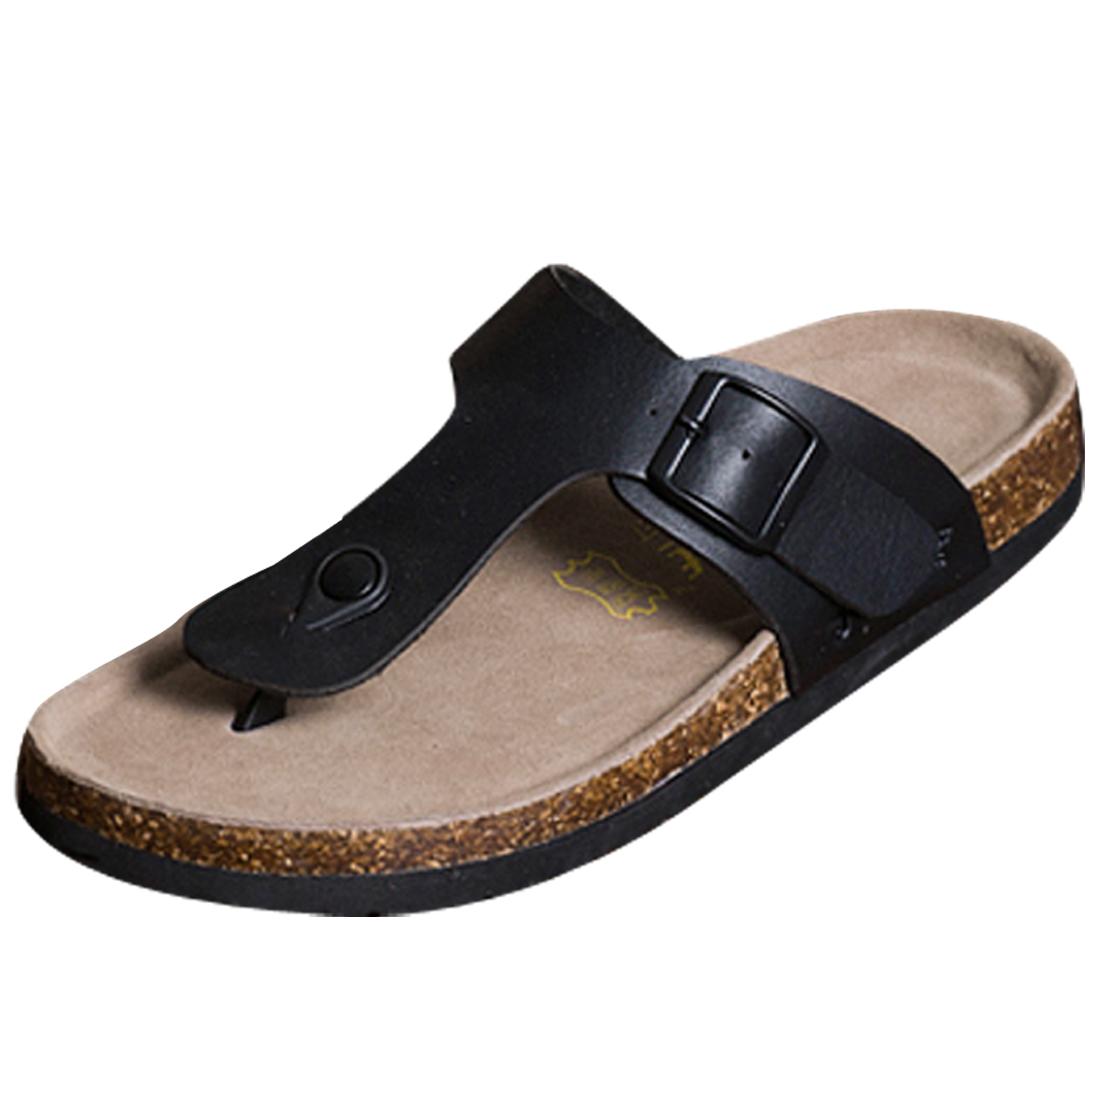 Men Buckle Flip Flop Classic Strap Style Sandal 8 US Size Black